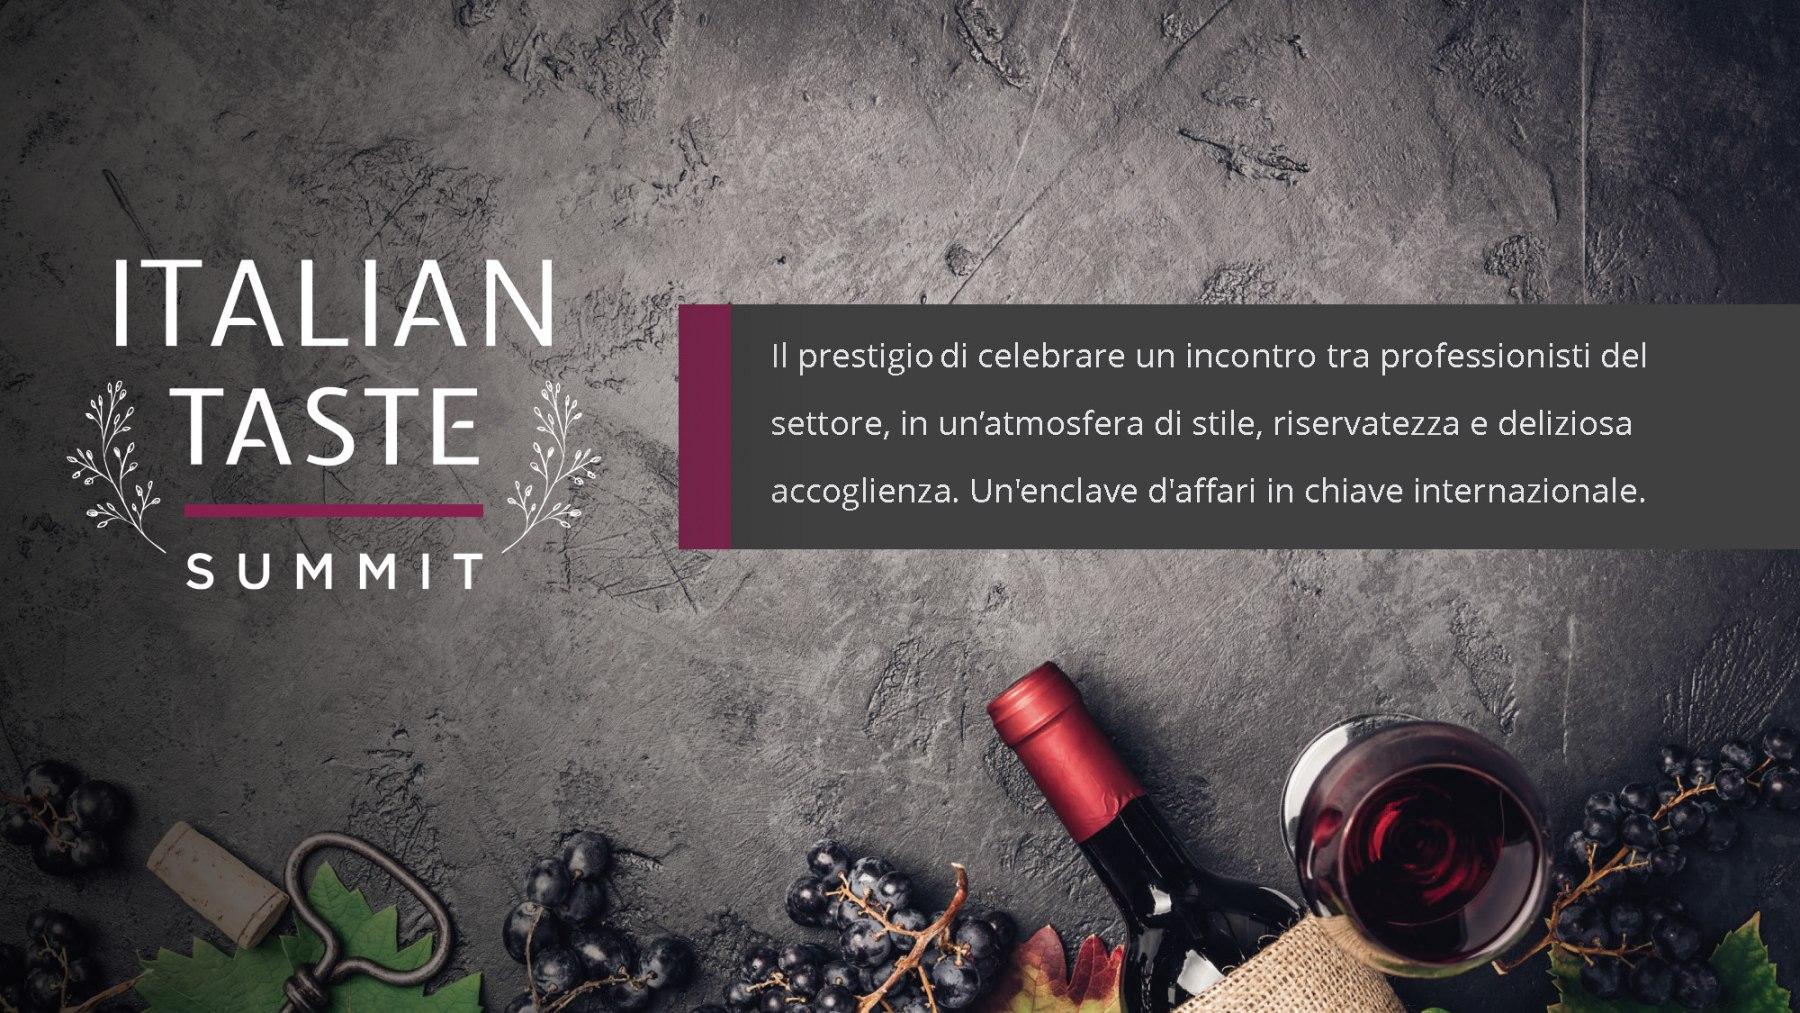 Italian-Taste-Summit-IT-2020_01-1